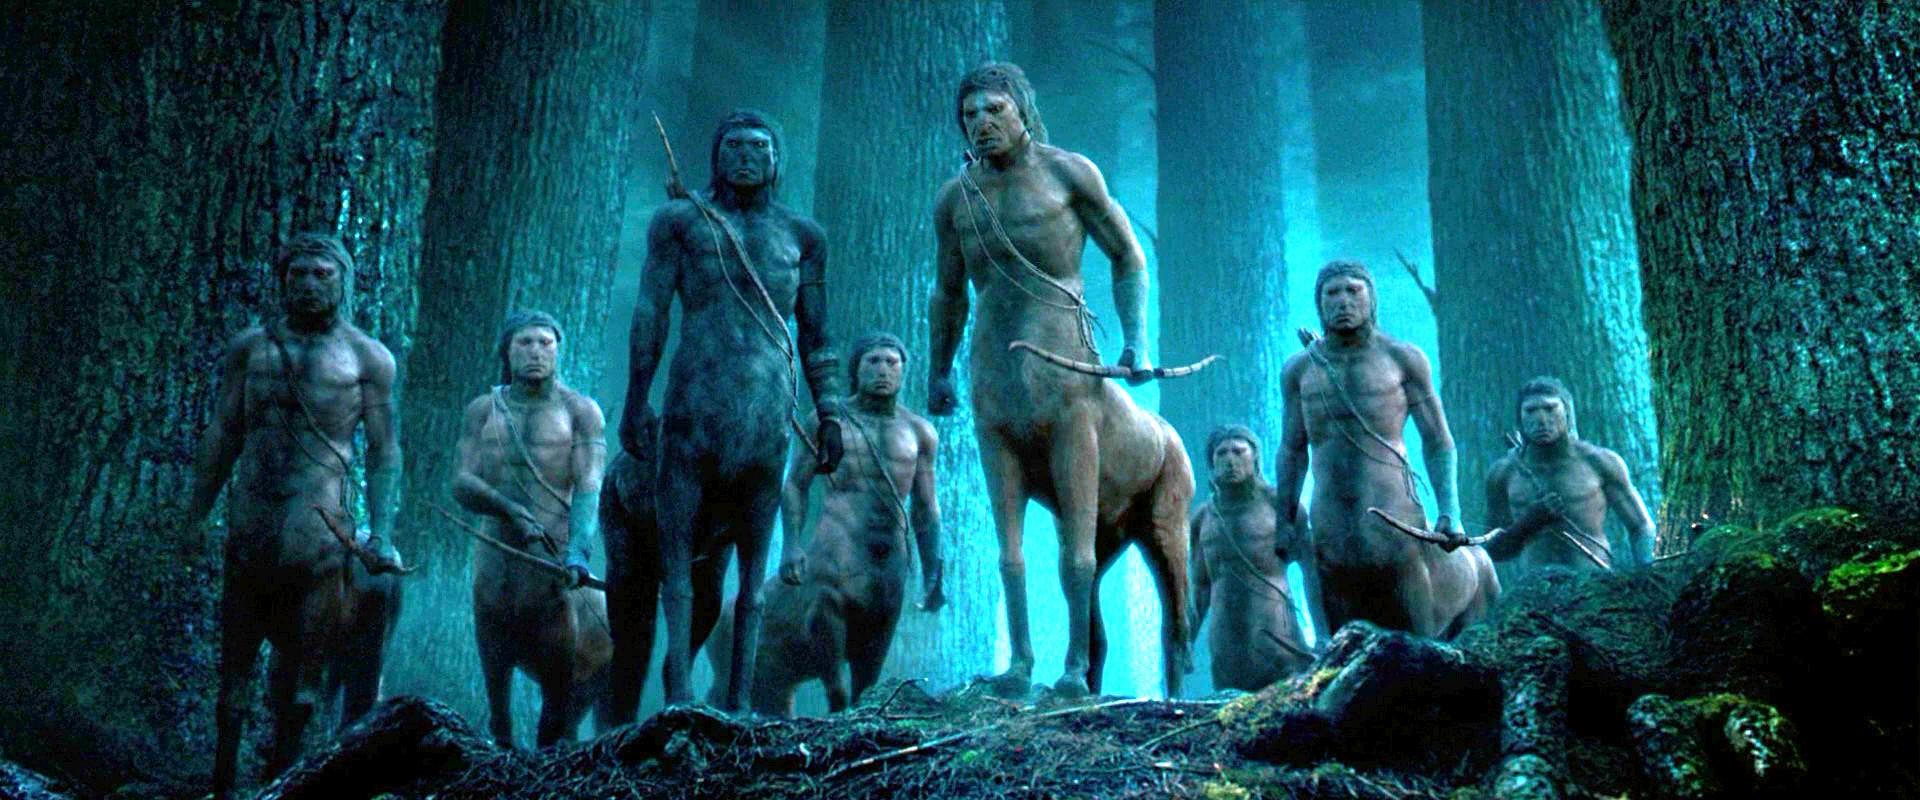 Image result for centaur harry potter